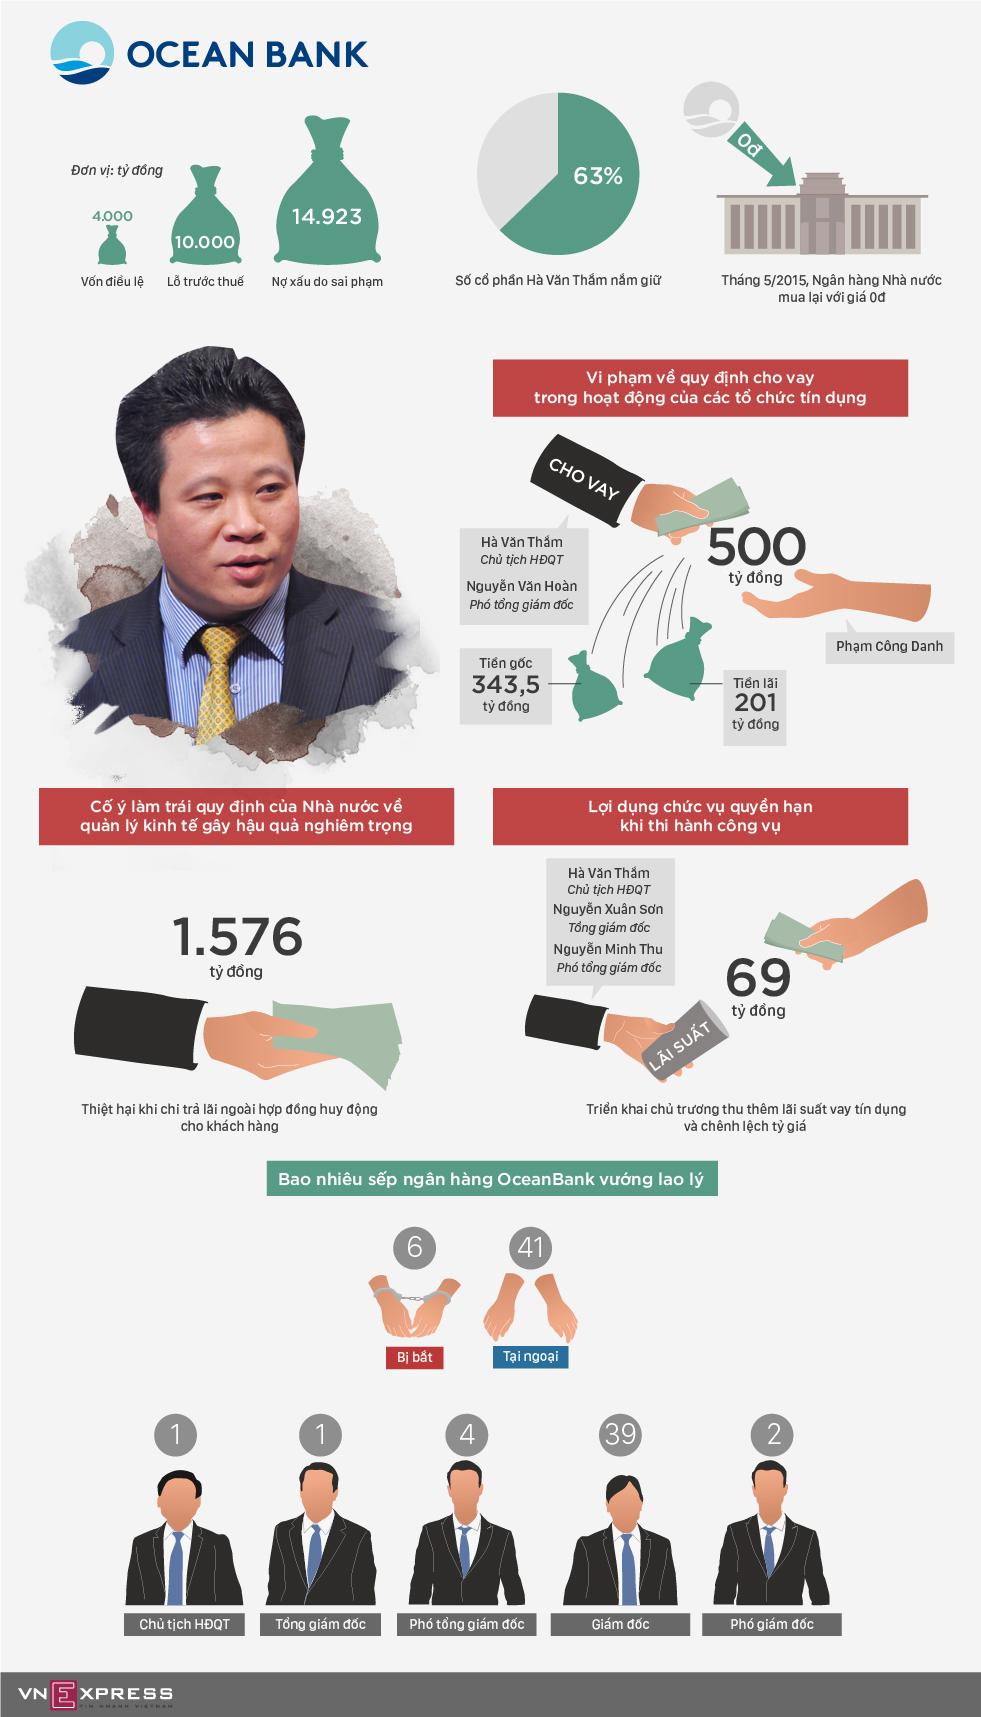 Ông Hà Văn Thắm bị cáo buộc 'vung tiền' của OceanBank như thế nào